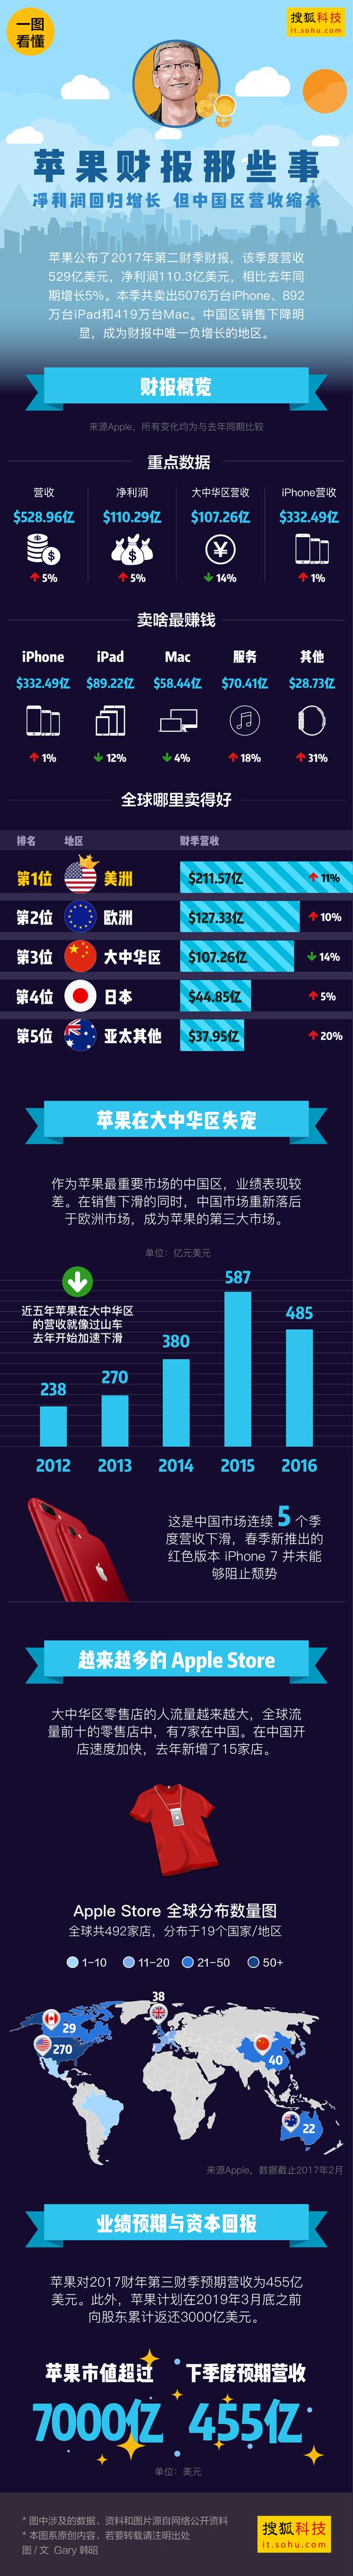 苹果财报那些事:净利润增长 中国区营收缩水